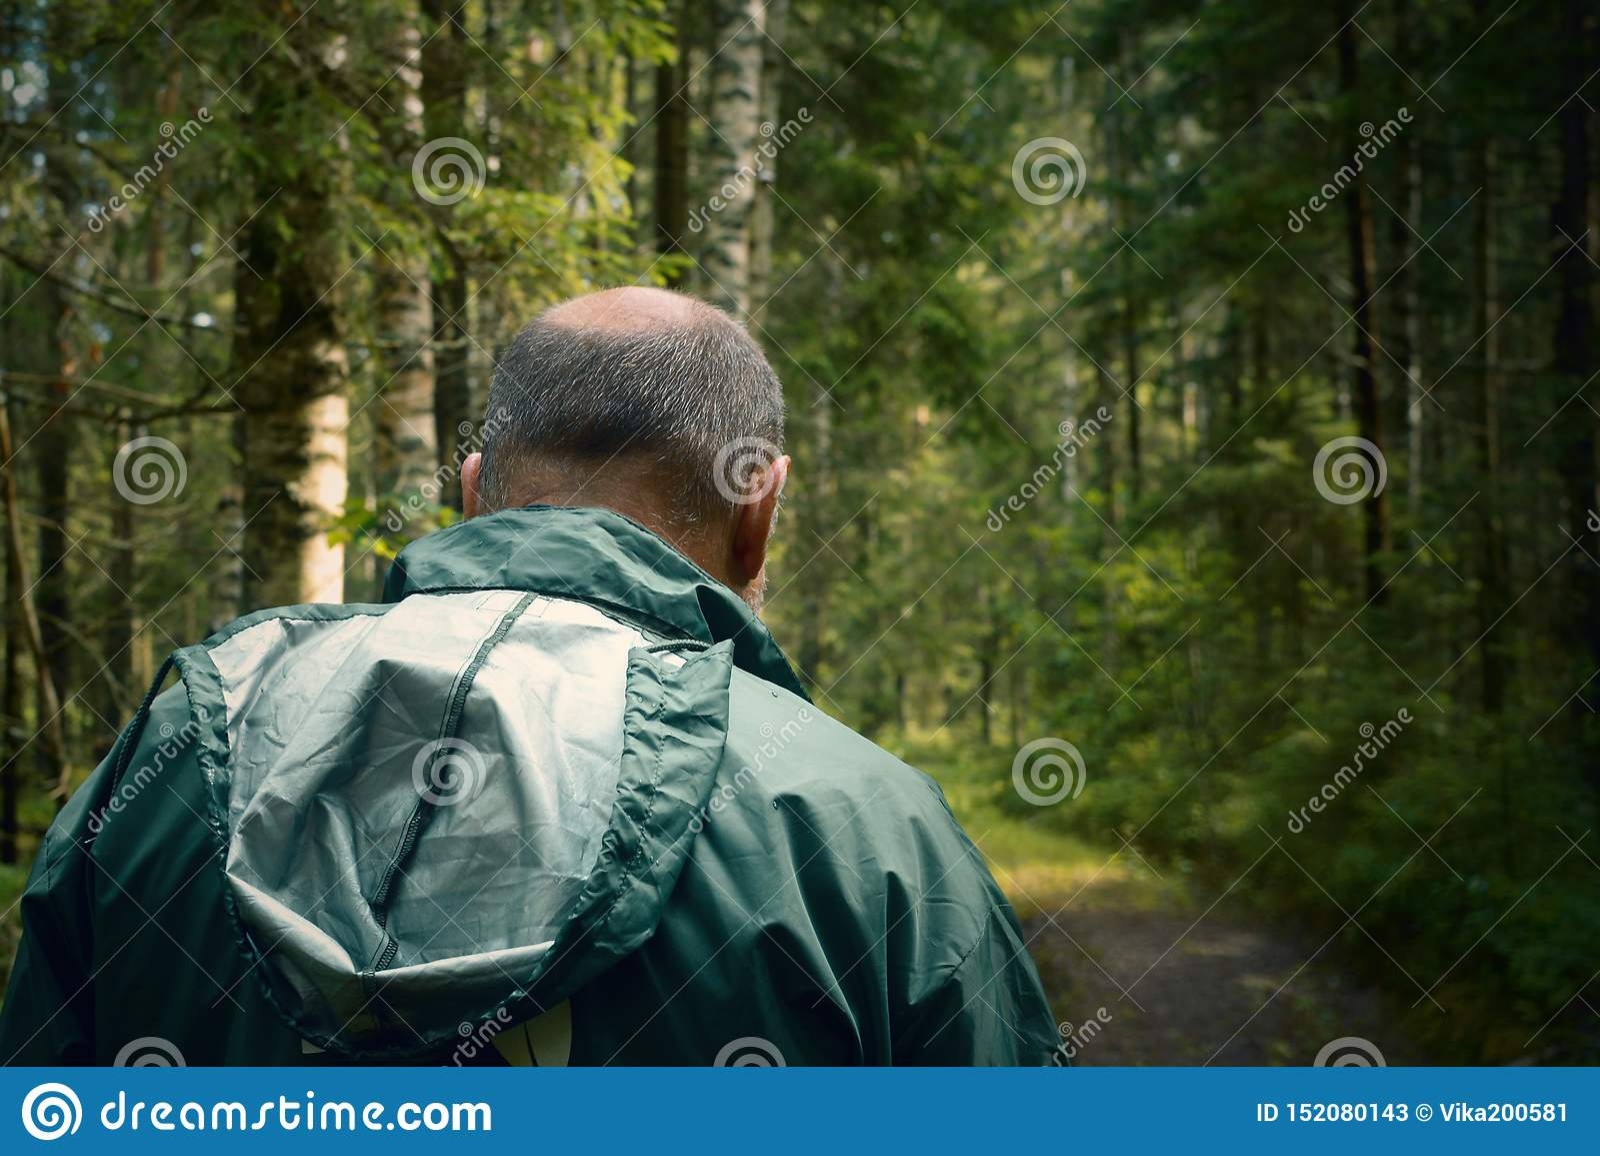 Personne criminelle et méfiante dans la forêt